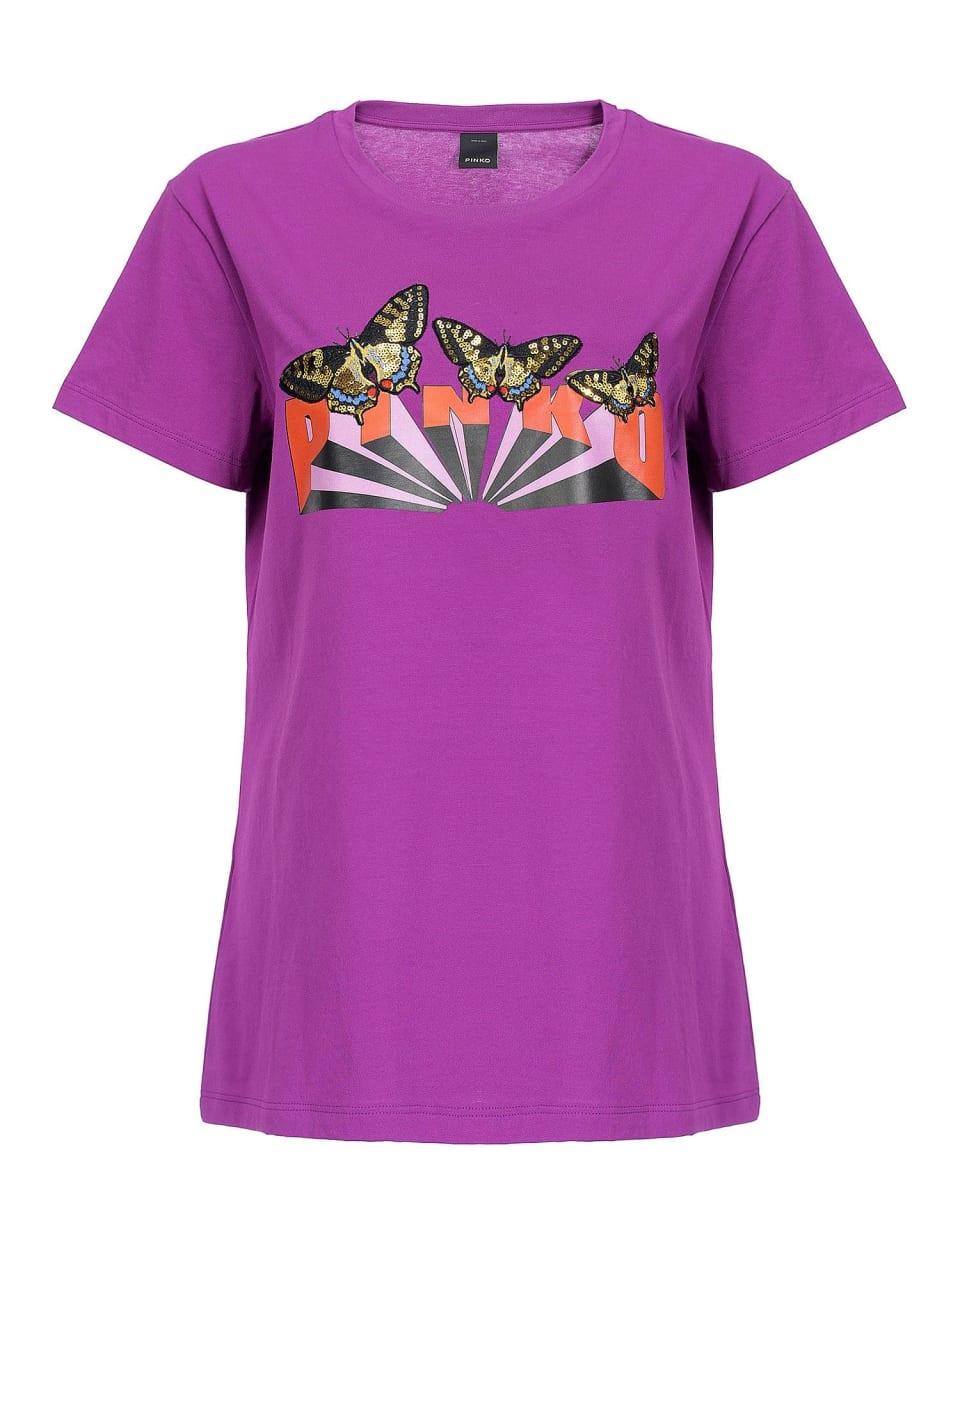 T-shirt with butterflies logo